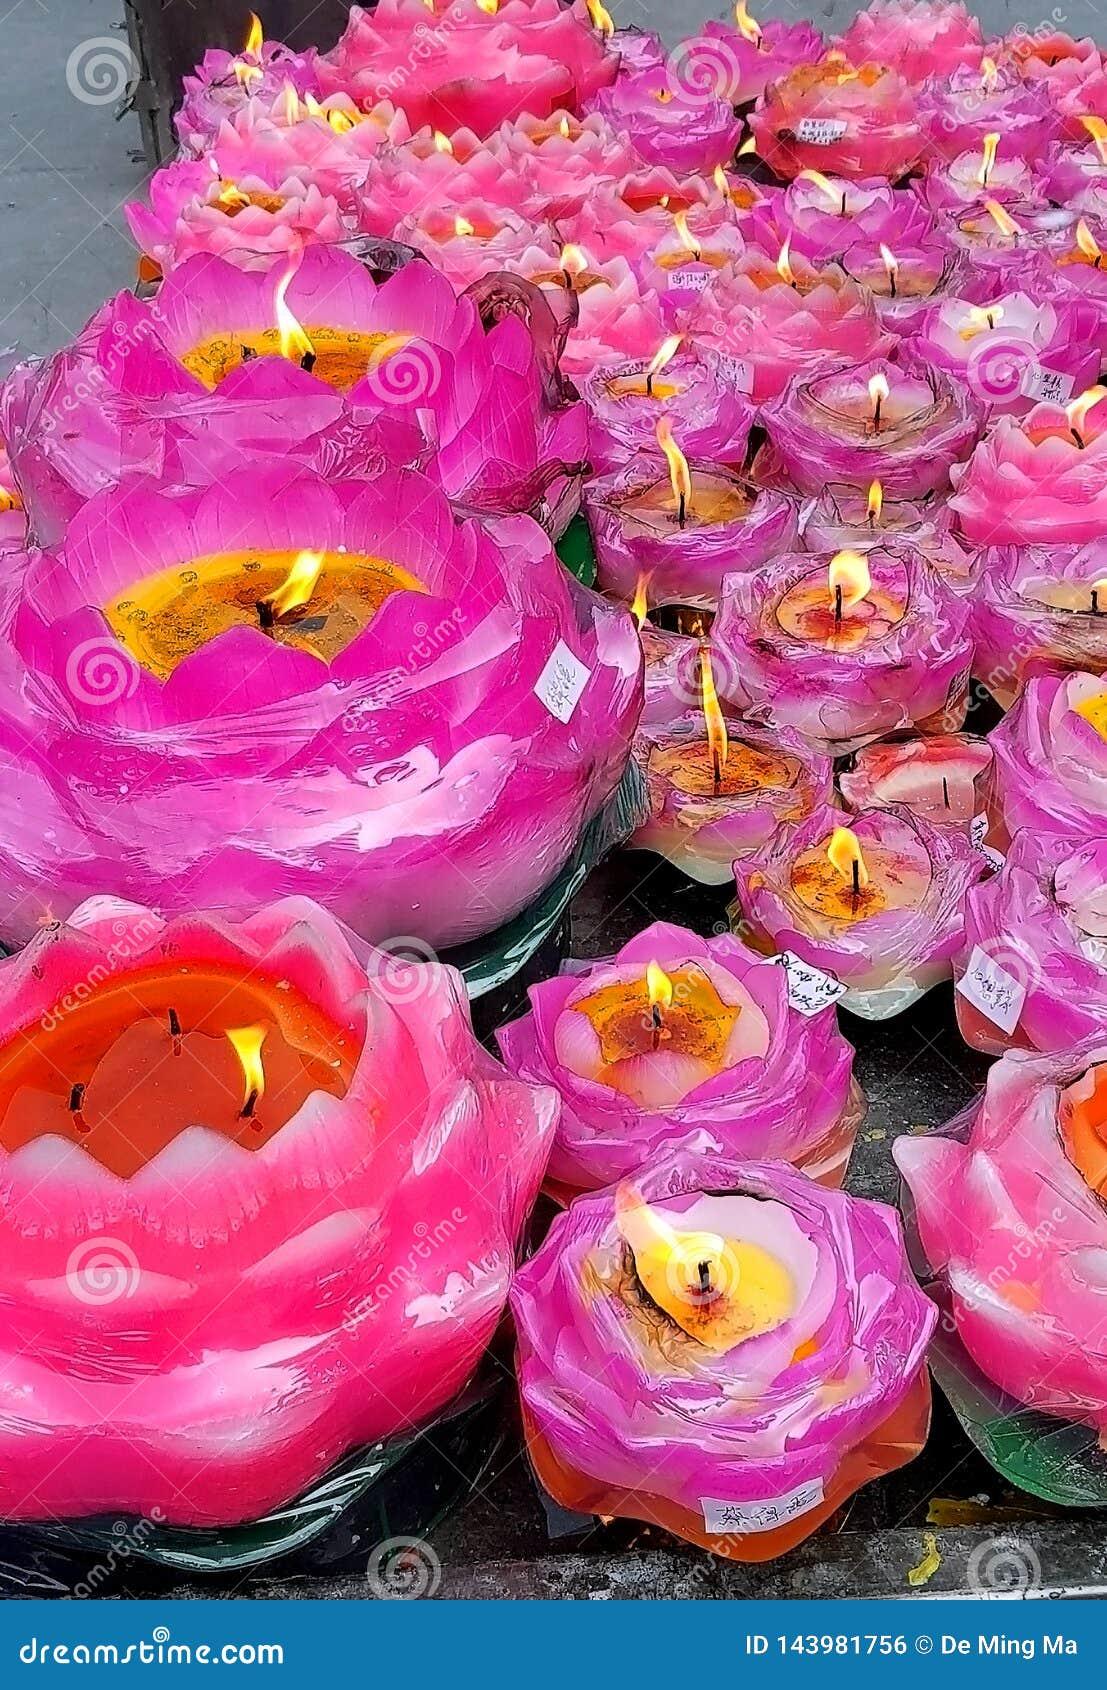 Lit-de cluster van de lotusbloembloem